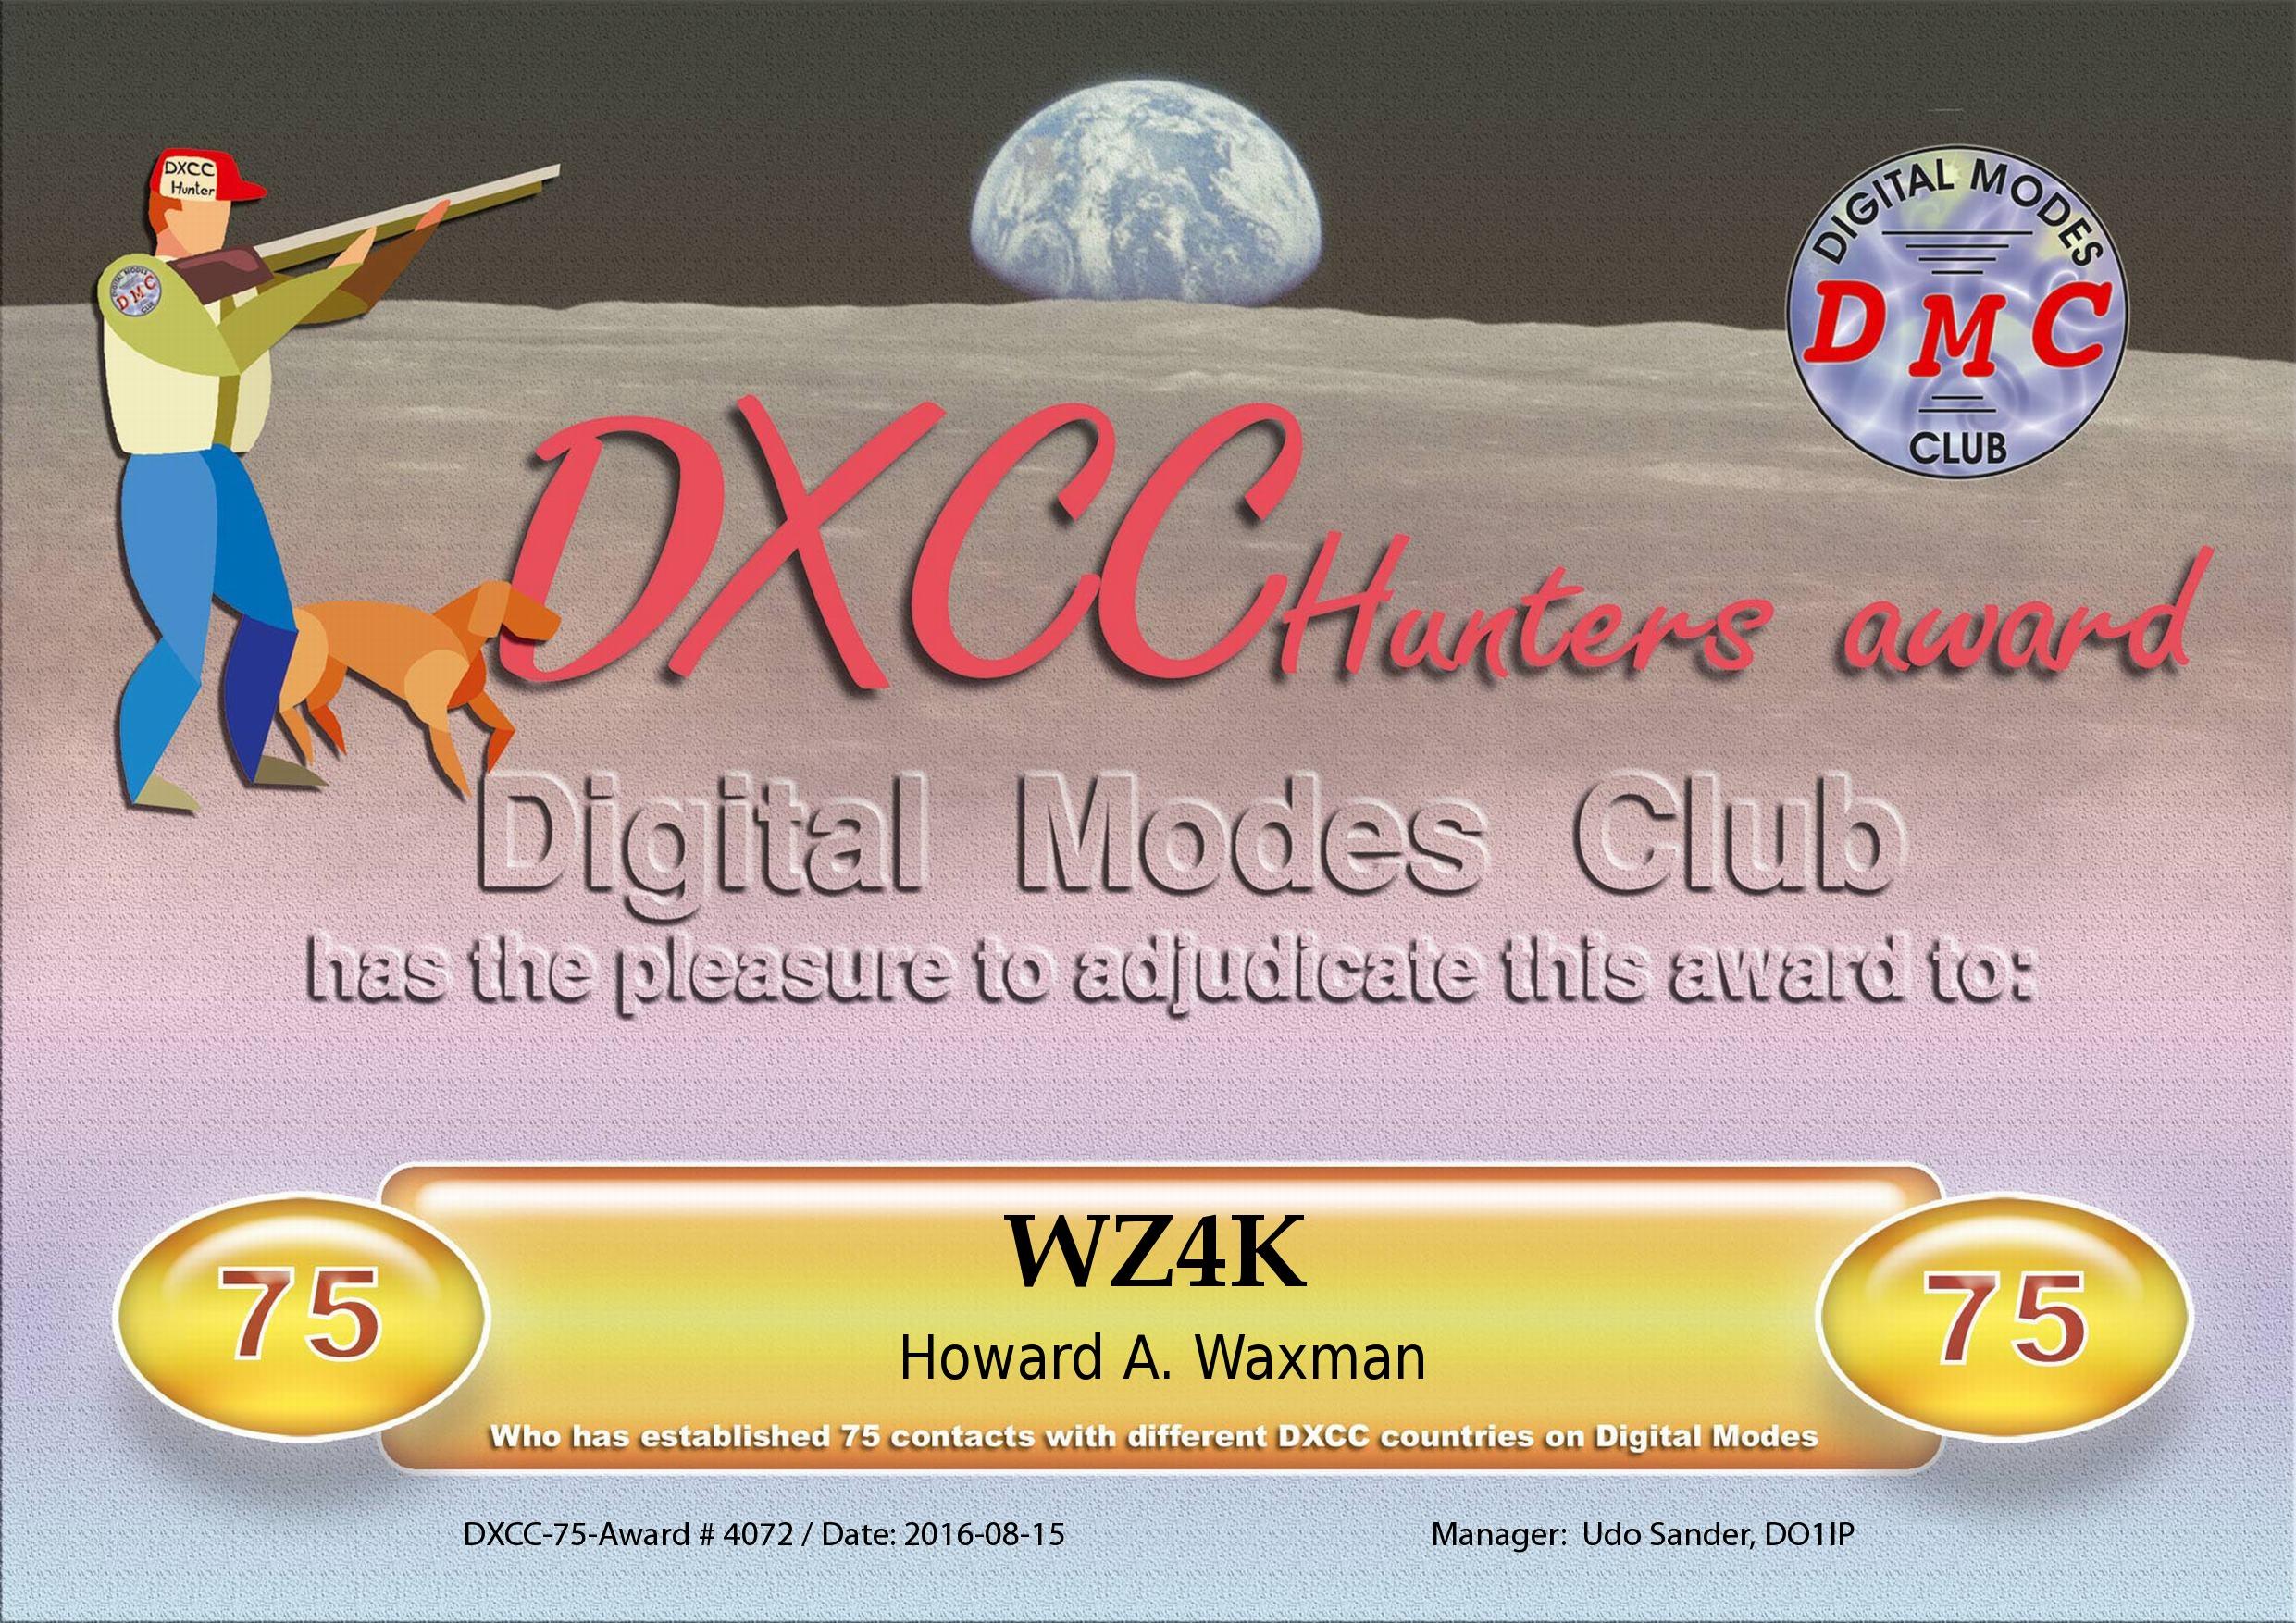 DXCC-75-4072-WZ4K